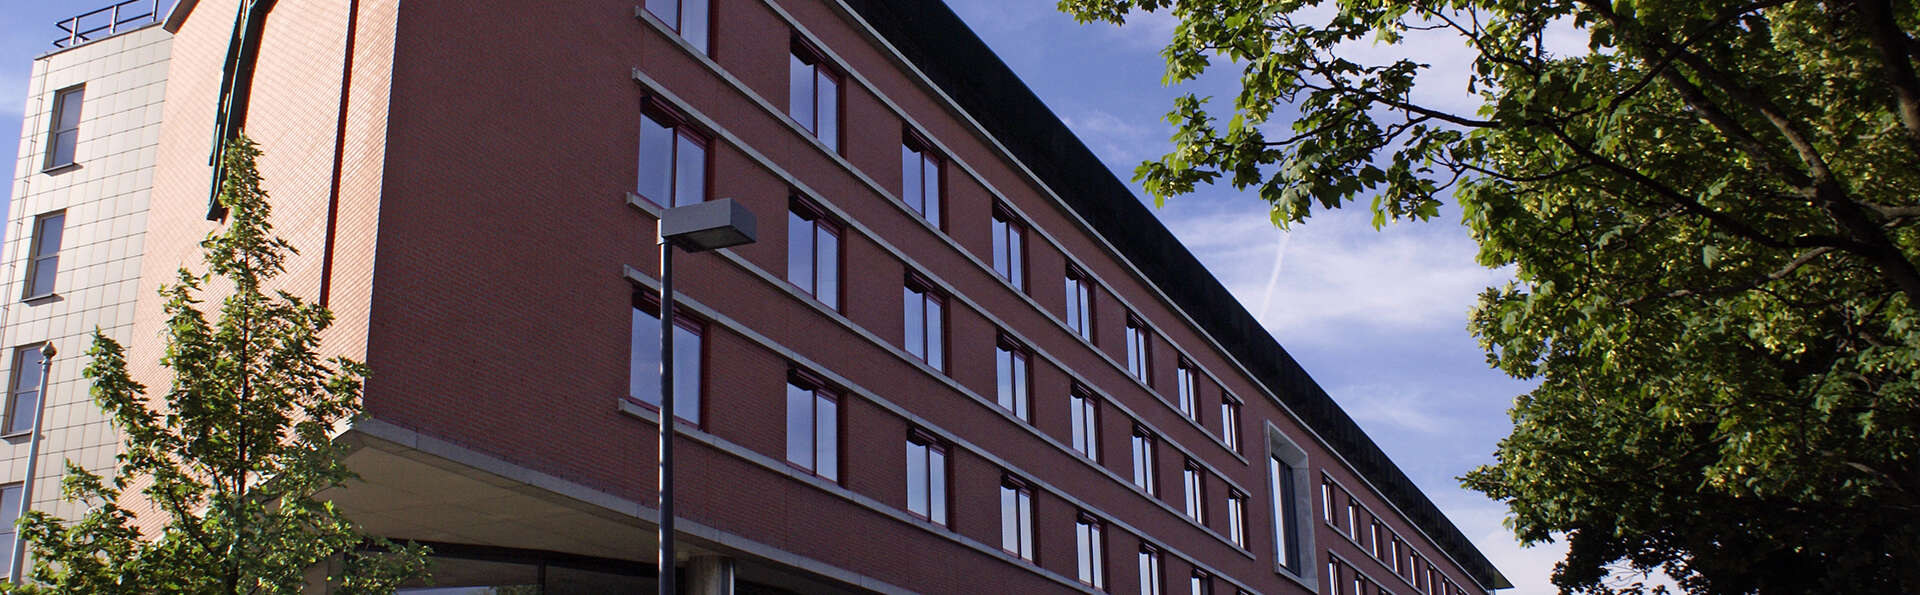 Hotel Van der Valk Maastricht - edit_voorzijde-hotel.jpg